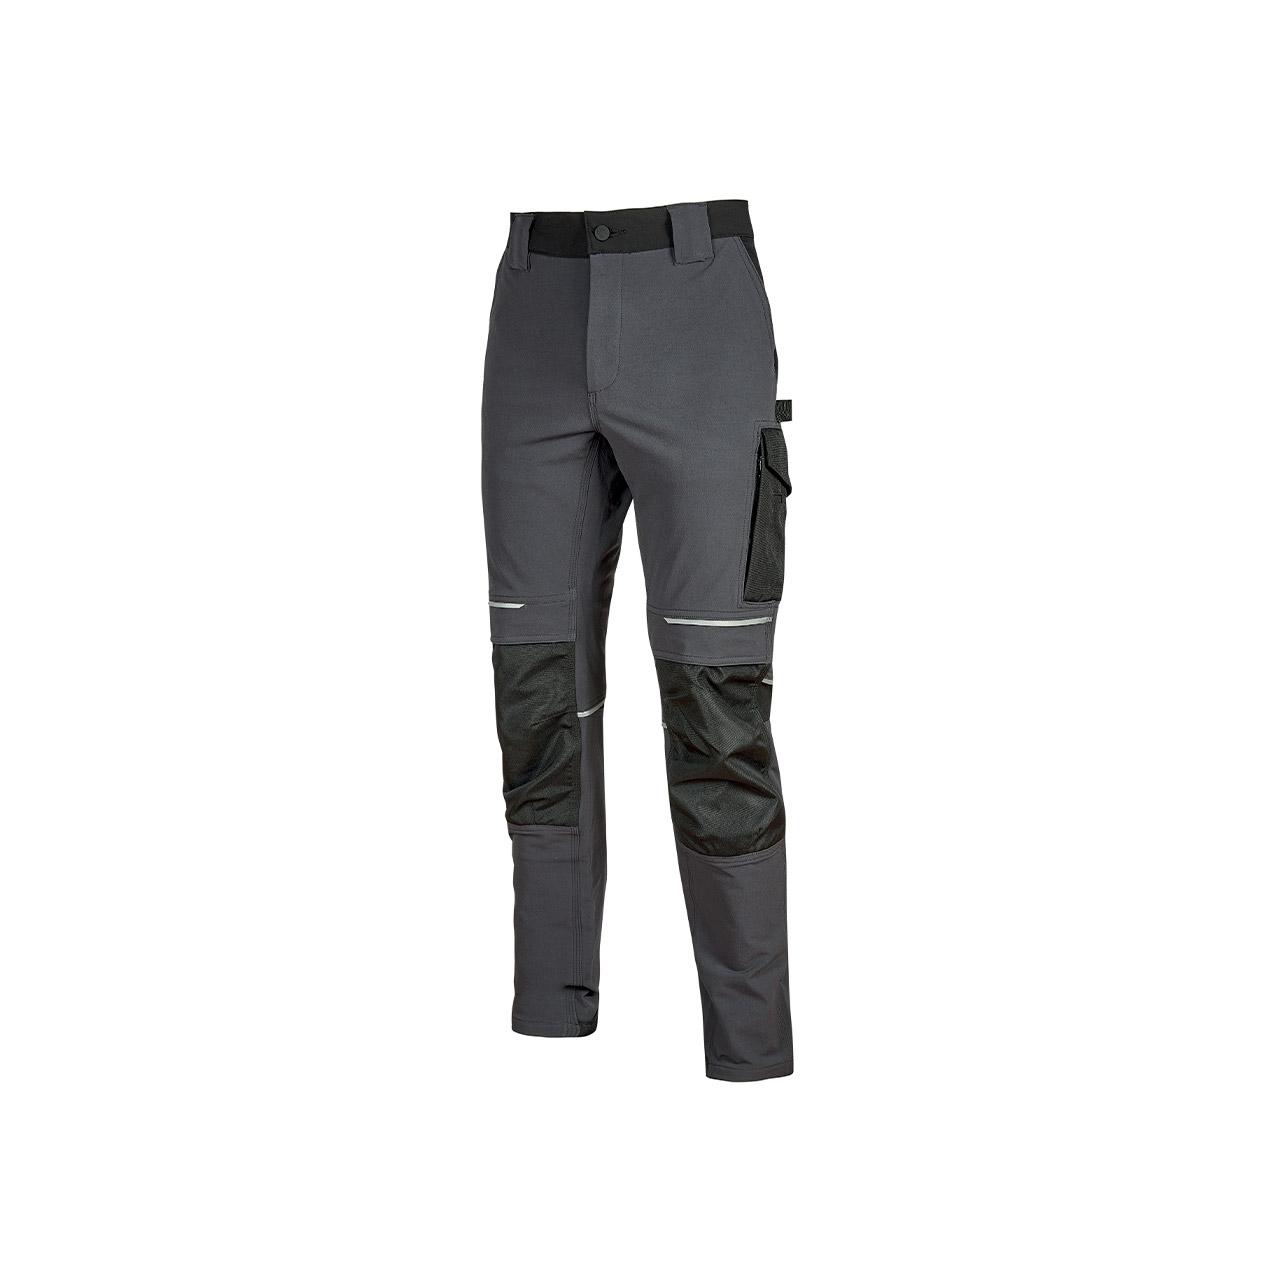 pantalone da lavoro upower modello atom colore asphalt grey prodotto